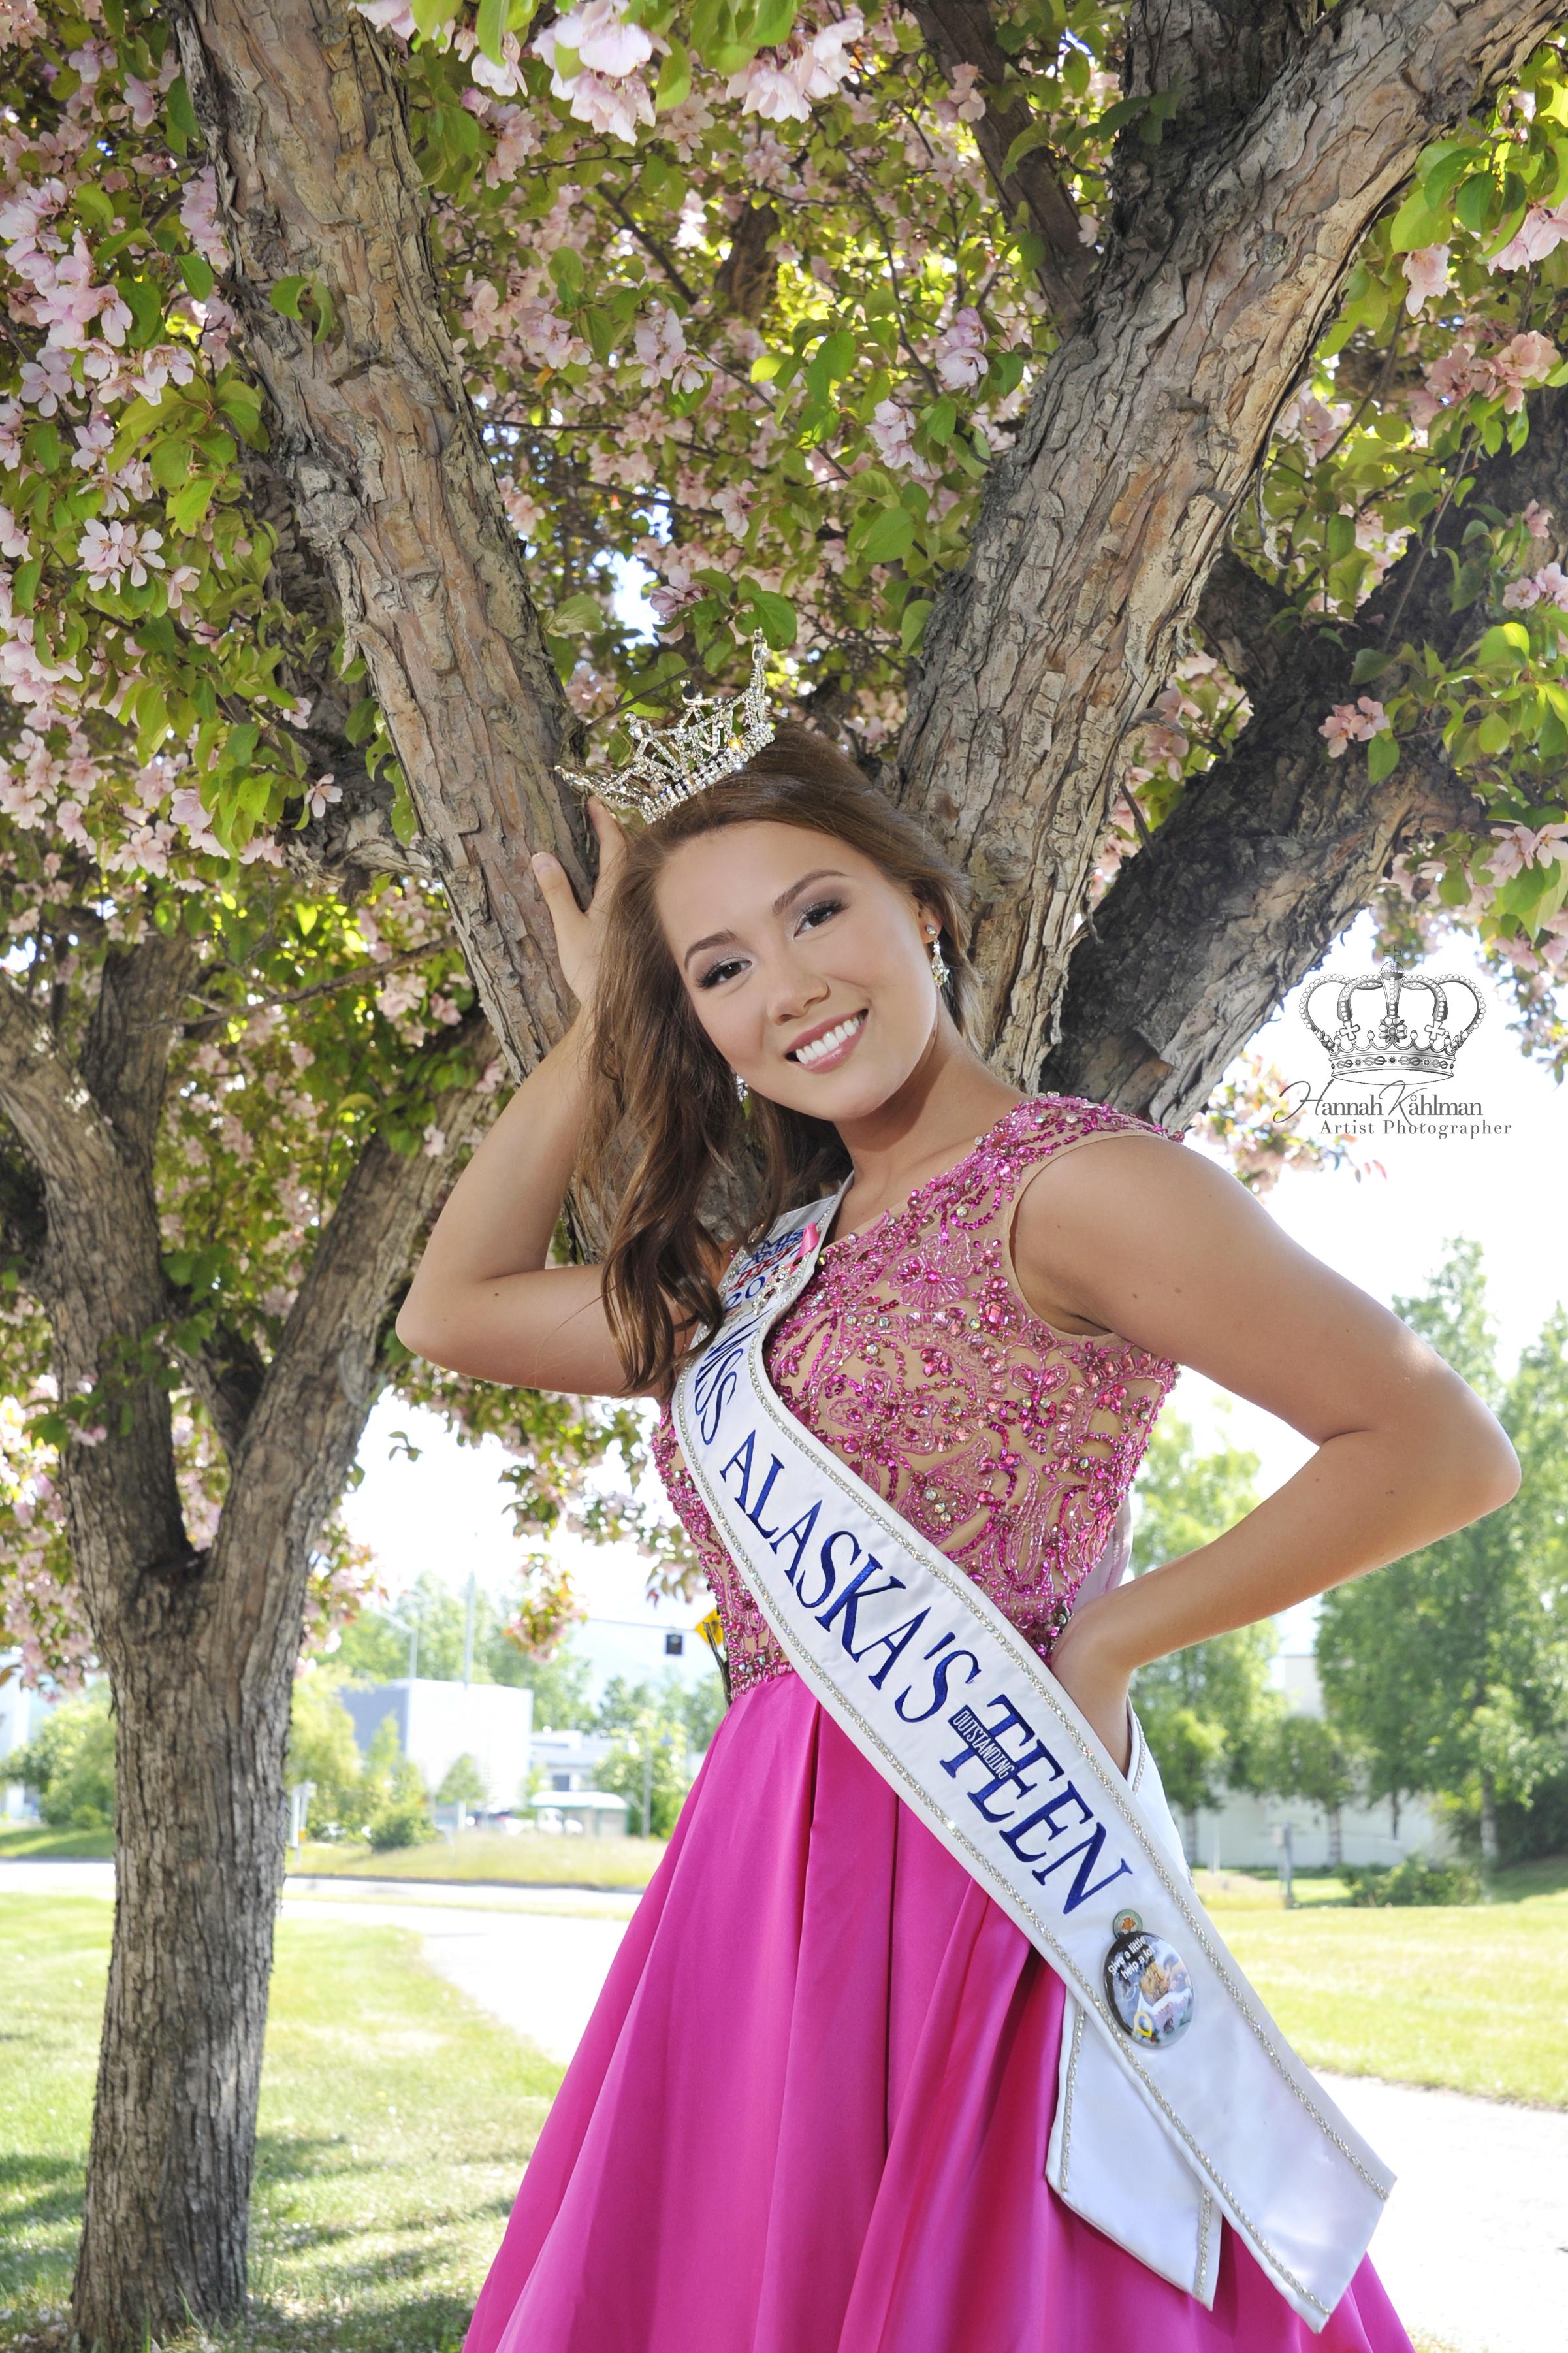 Emma_Broyles,_Miss_Alaska's_Outstanding_